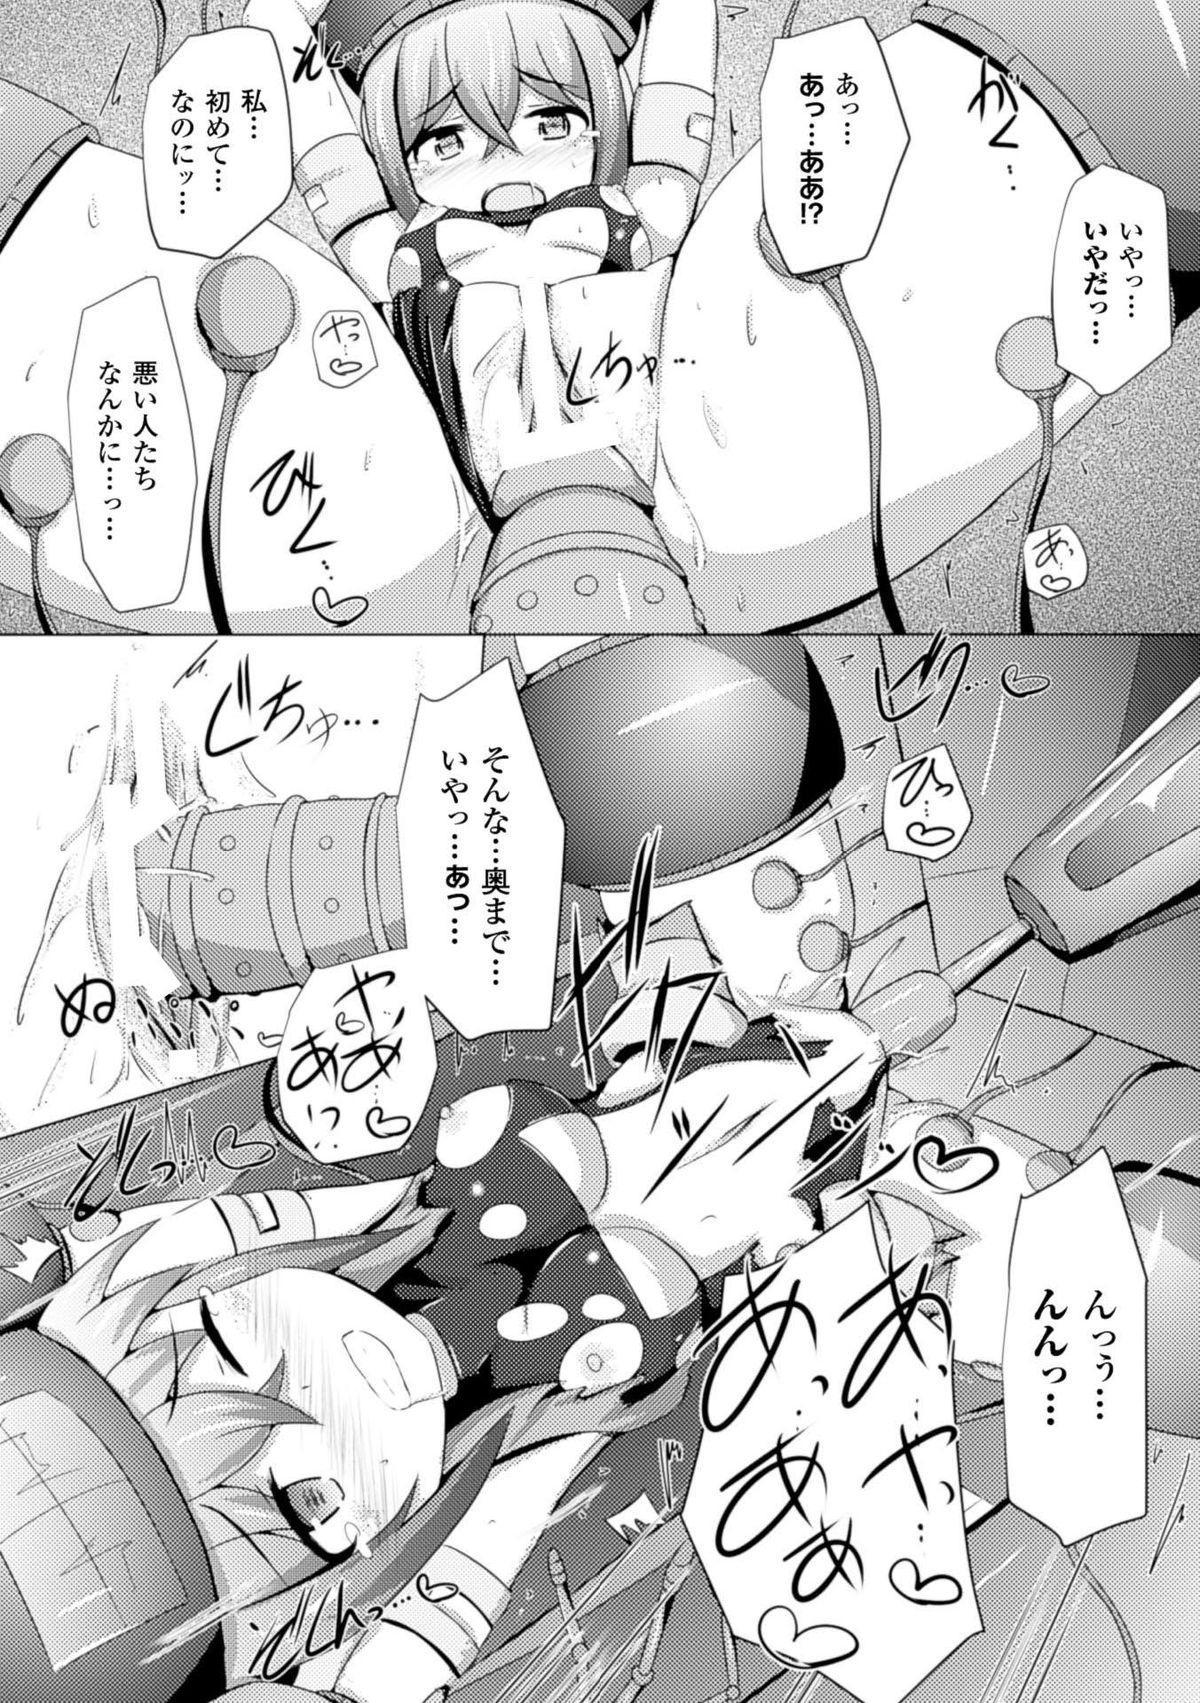 Kikaikan de Monzetsu Iki Jigoku! Vol. 1 58